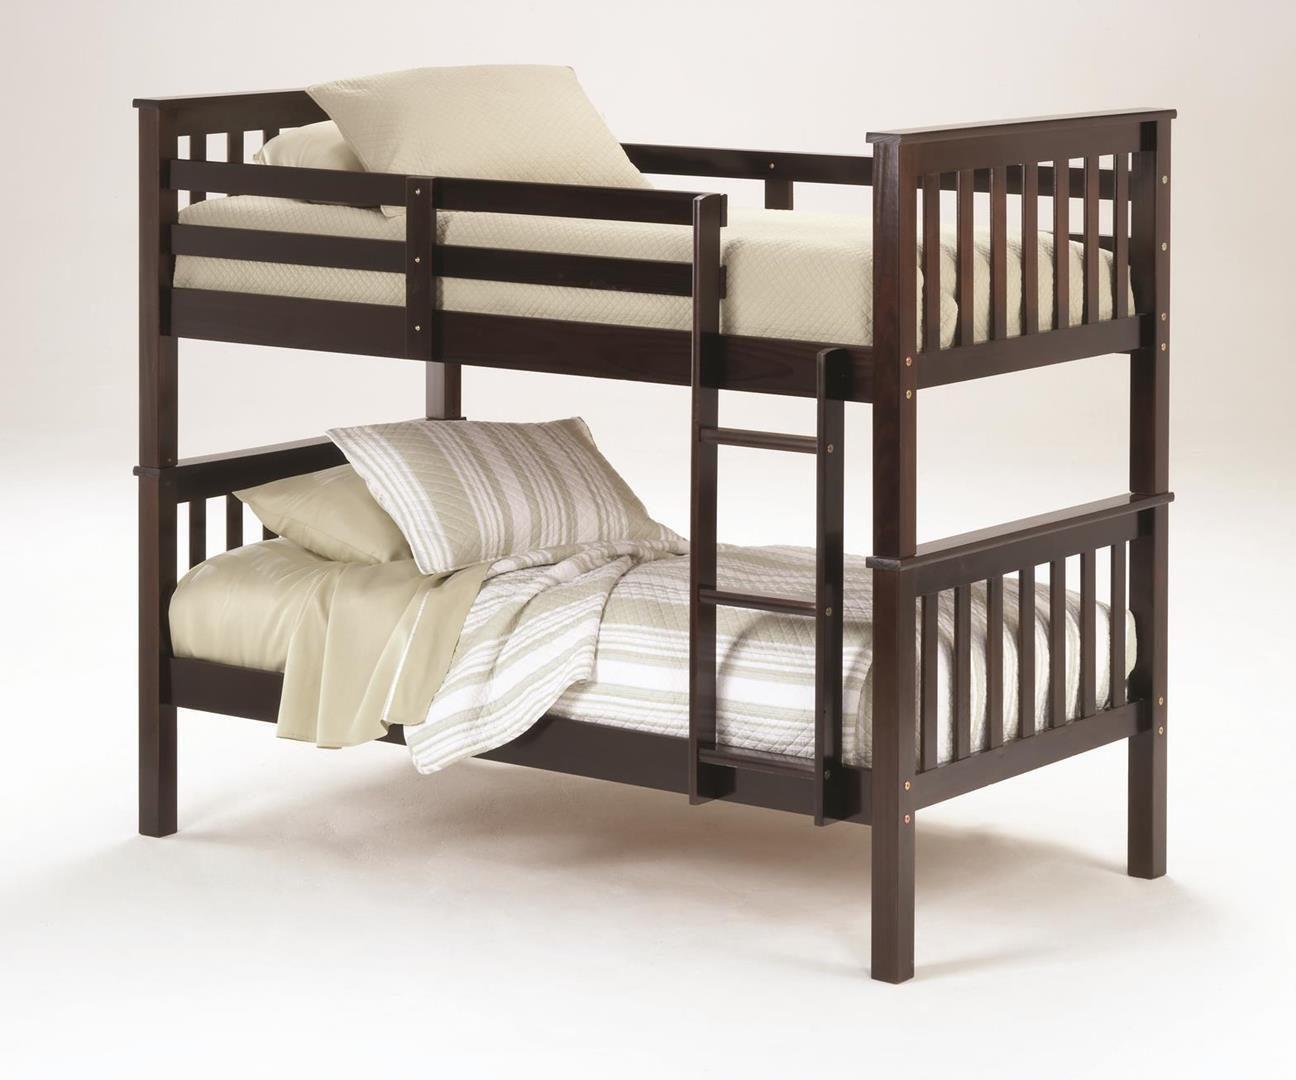 3729 Bunk Bed